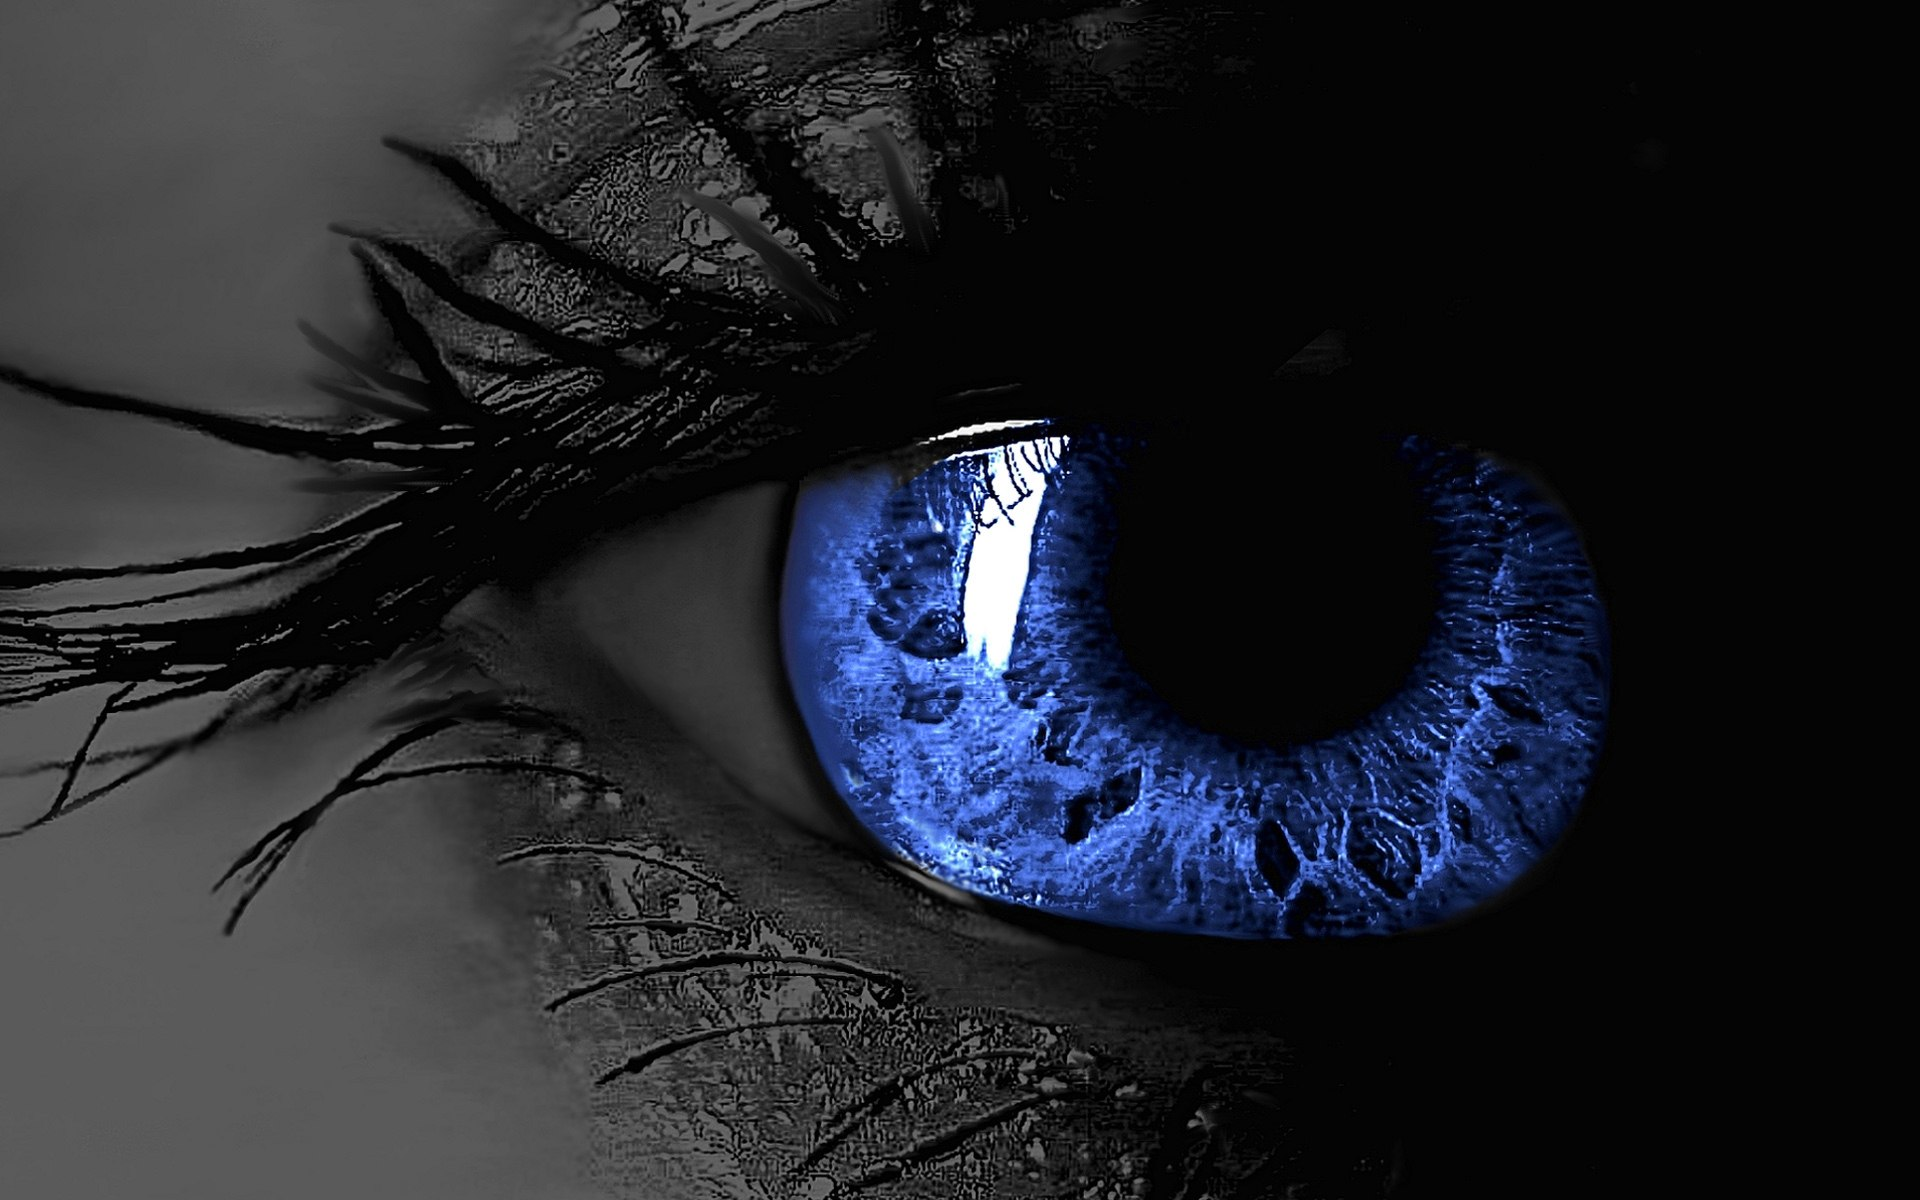 Blue eye wallpaper 1920x1200 HQ WALLPAPER   46436 1920x1200